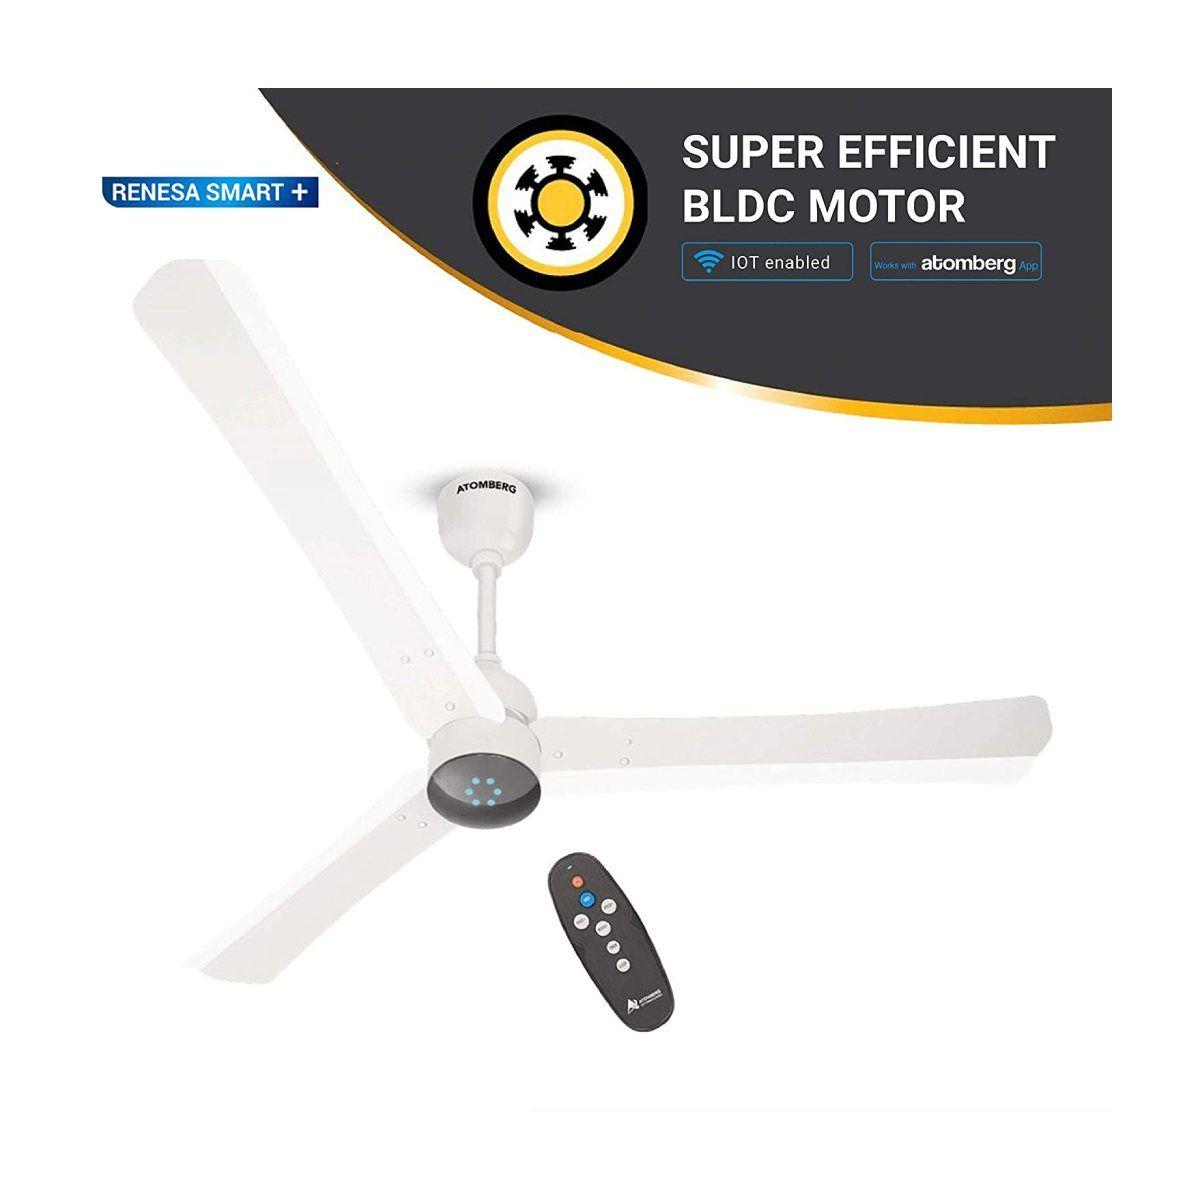 Atomberg Renesa Smart + Ceiling Fan